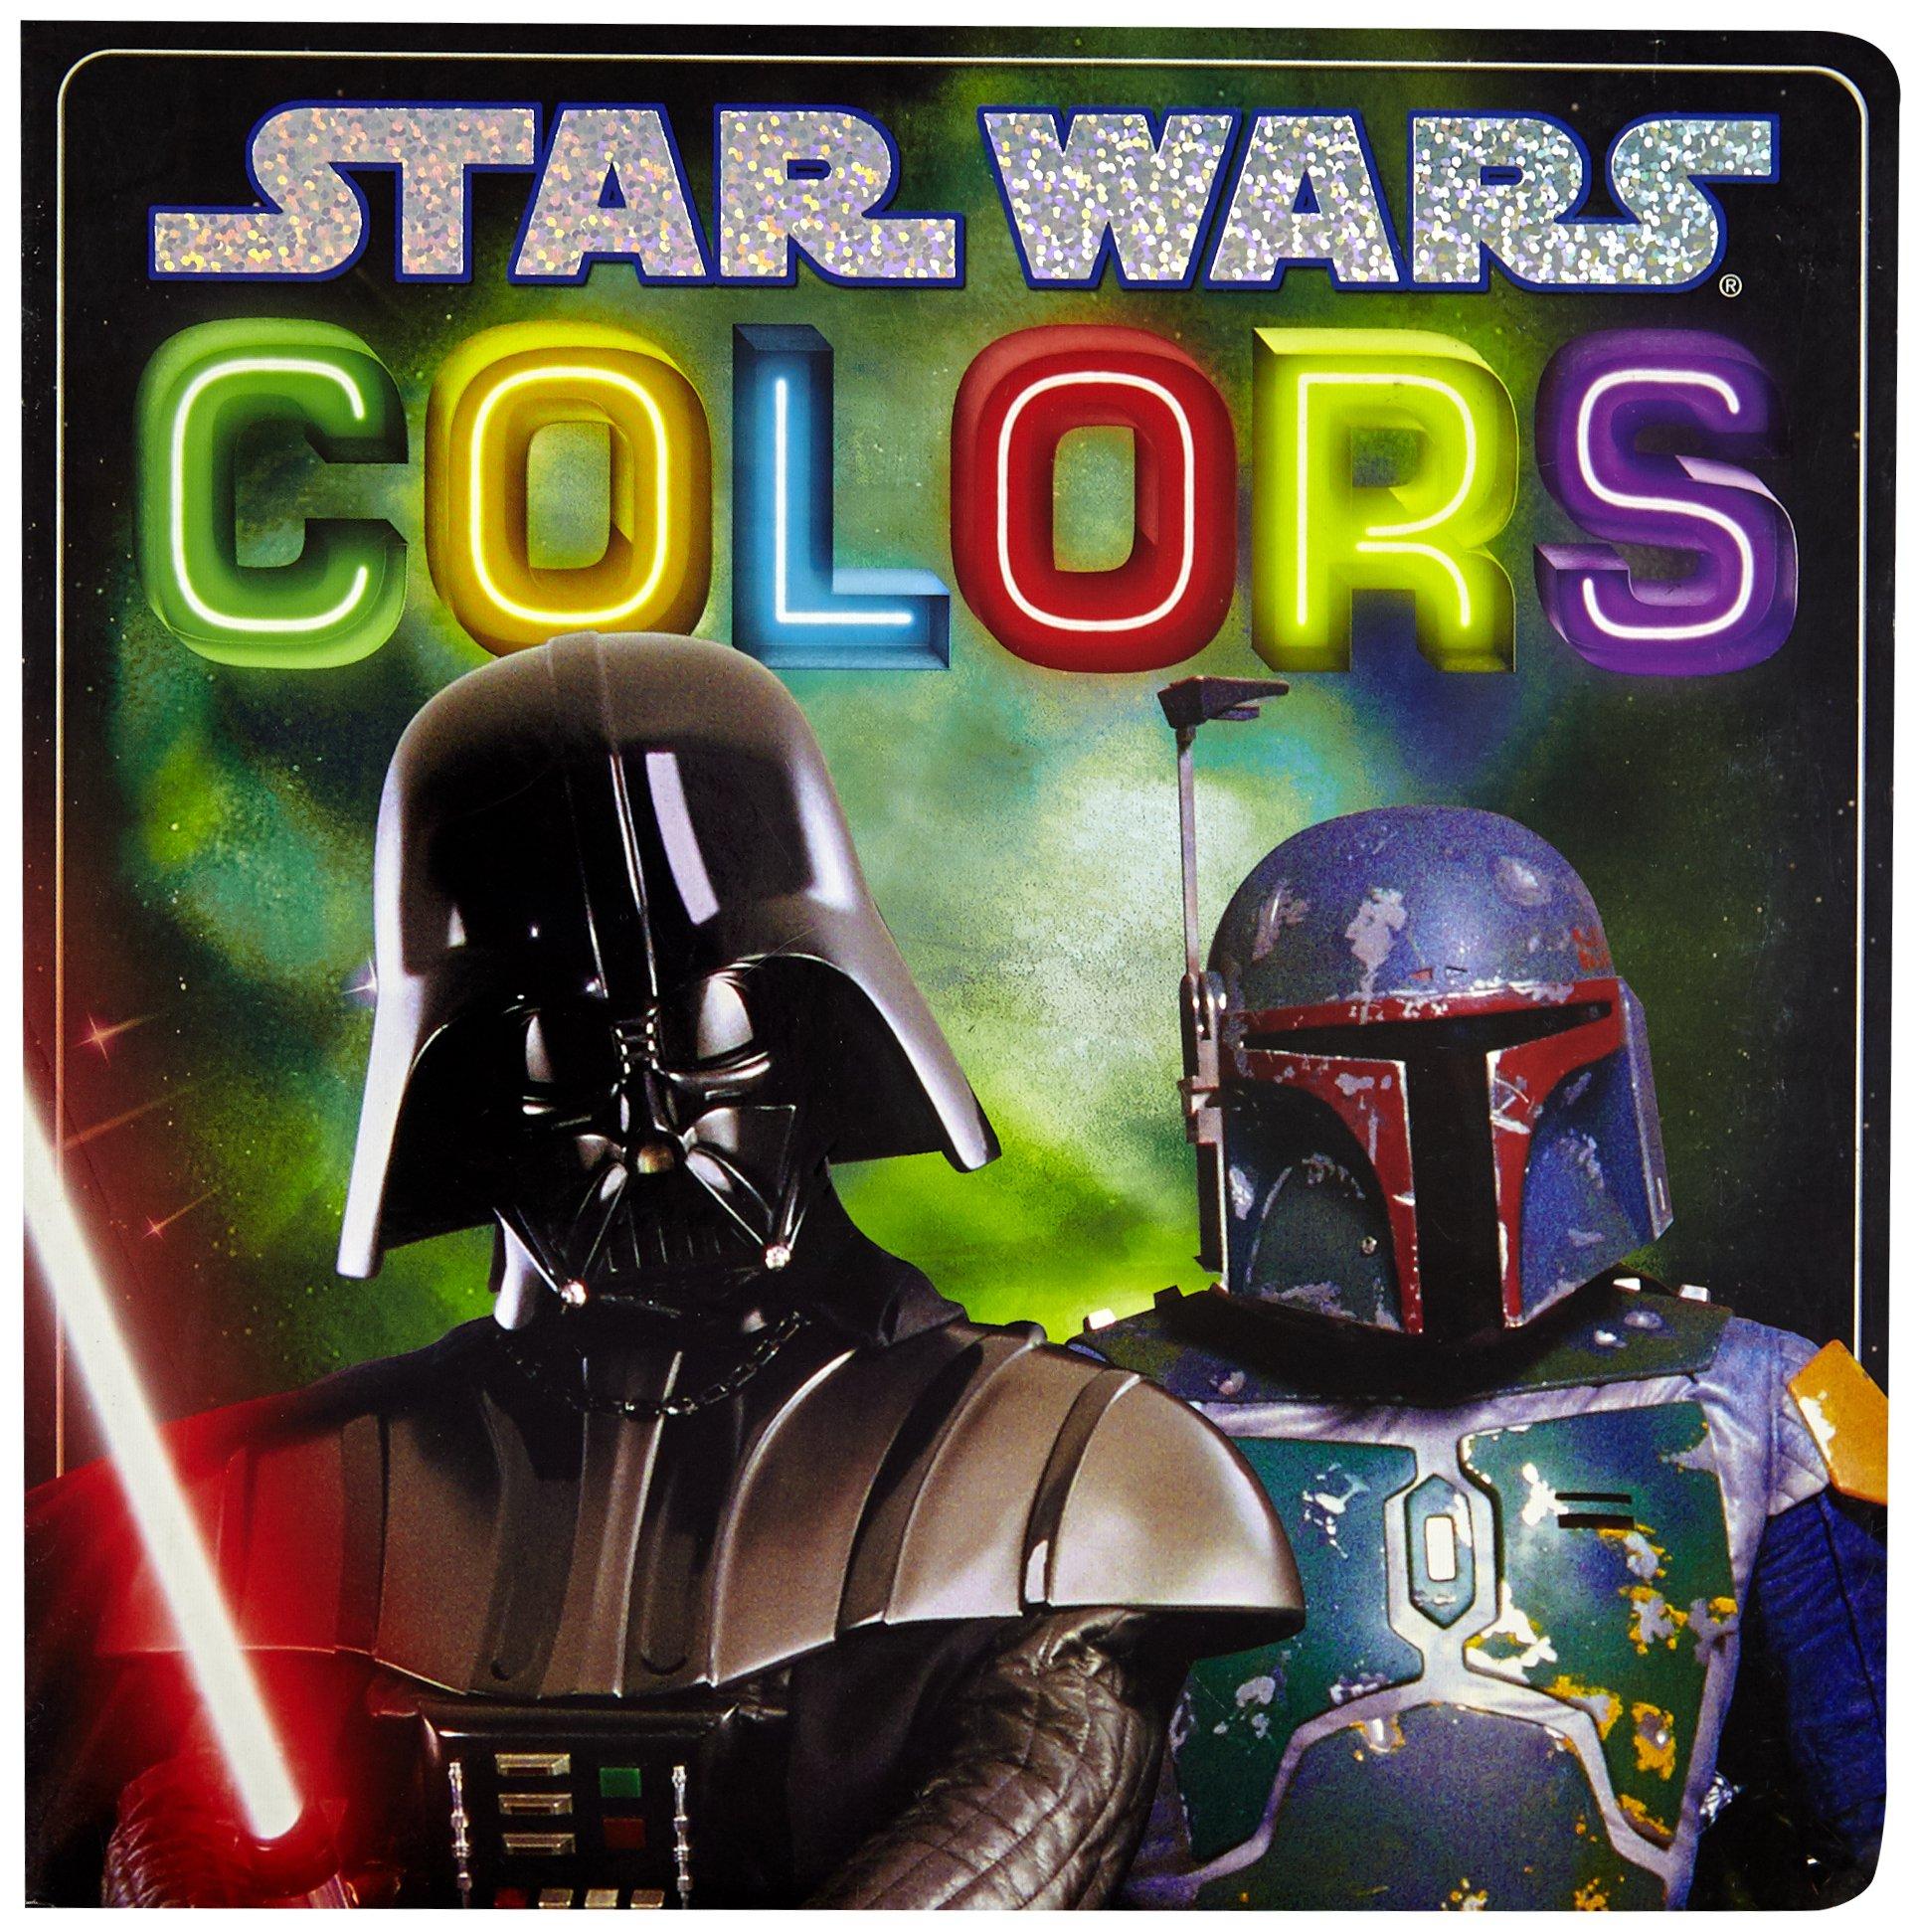 Share star wars board books congratulate, simply